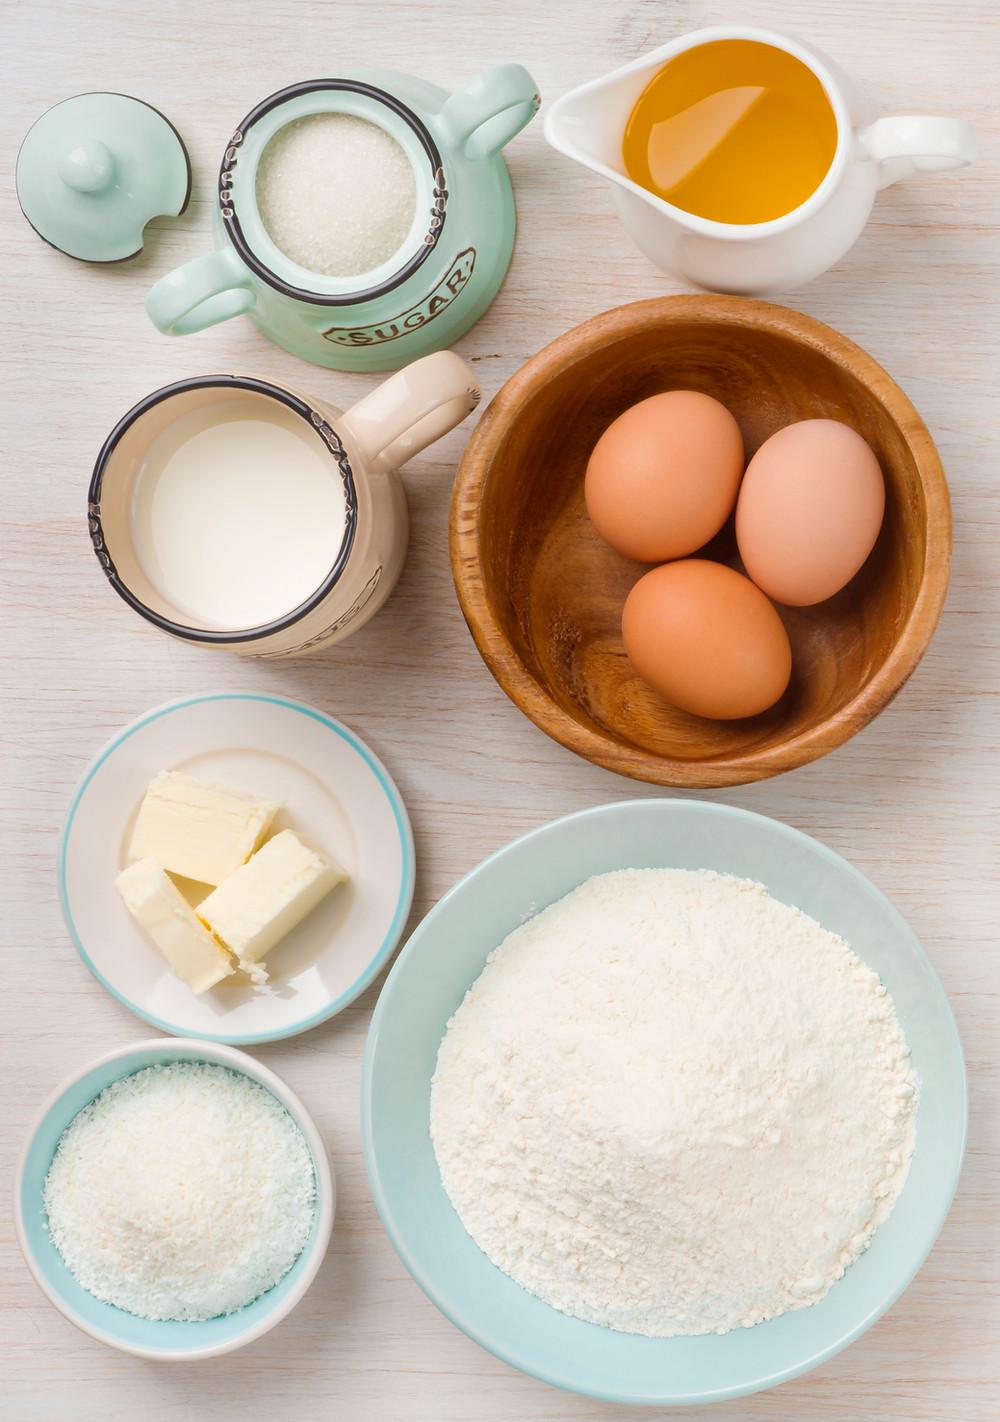 Gluten and dairy